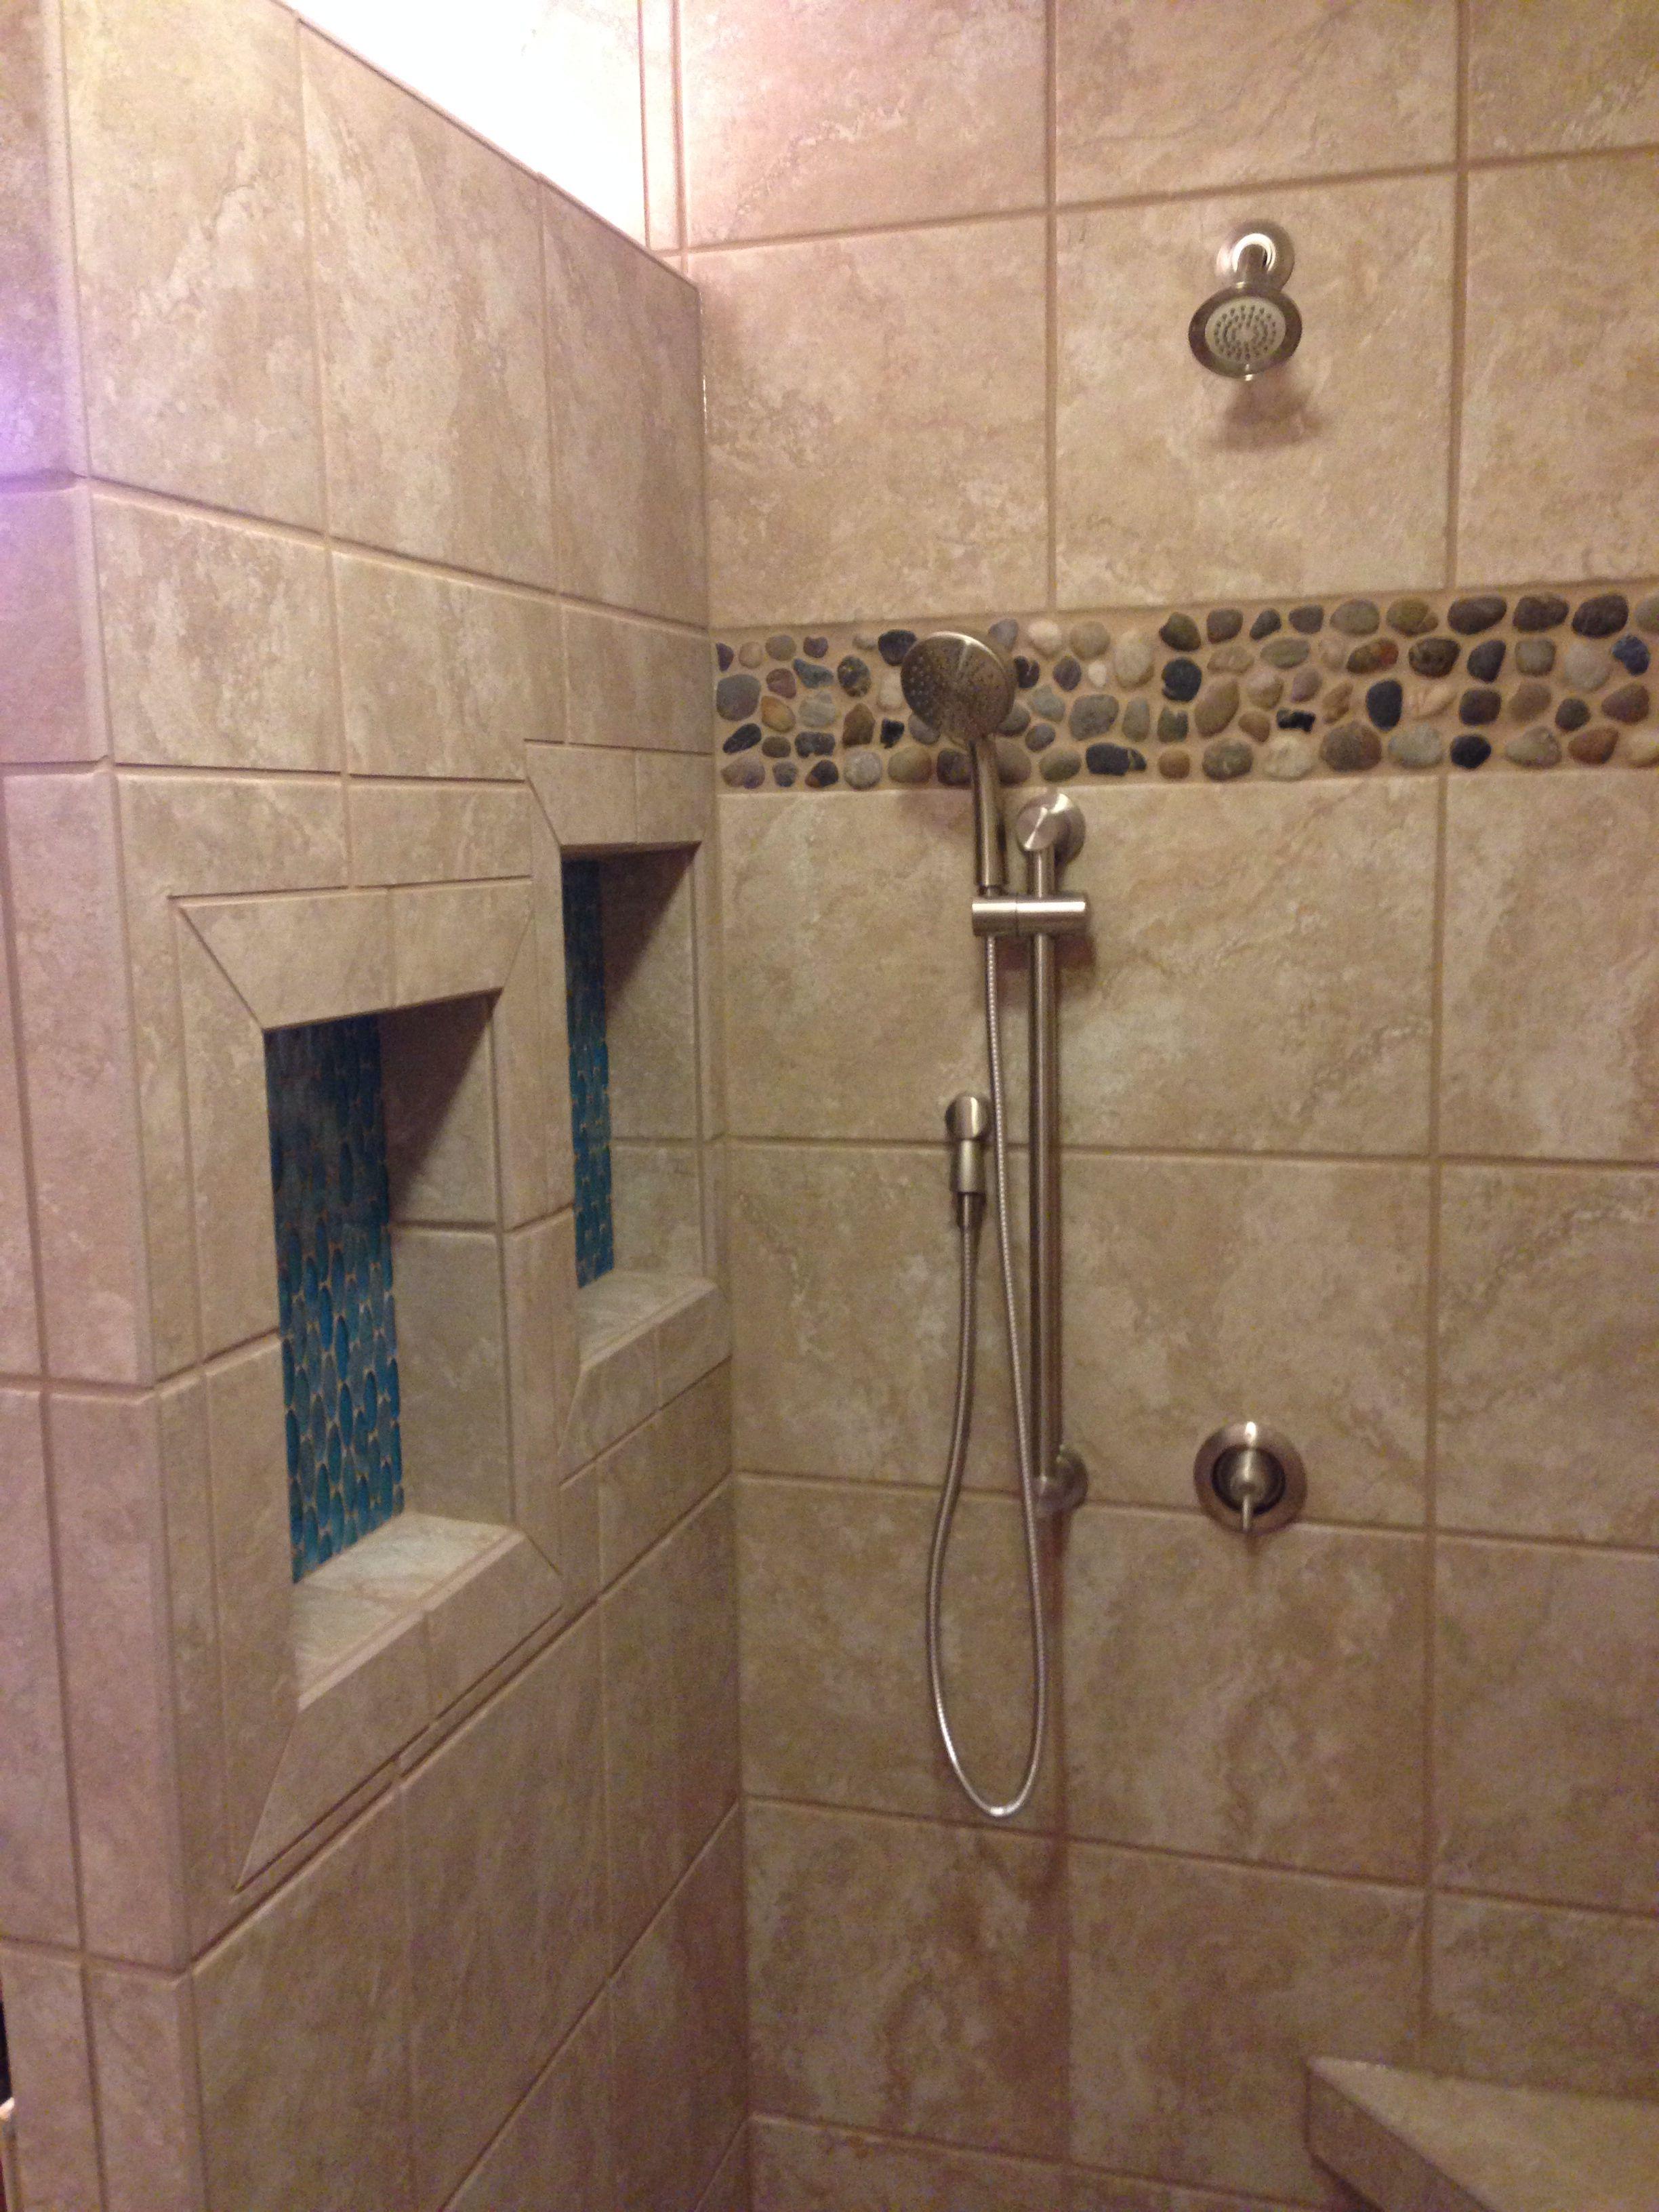 waterfall bathroom tile love this look